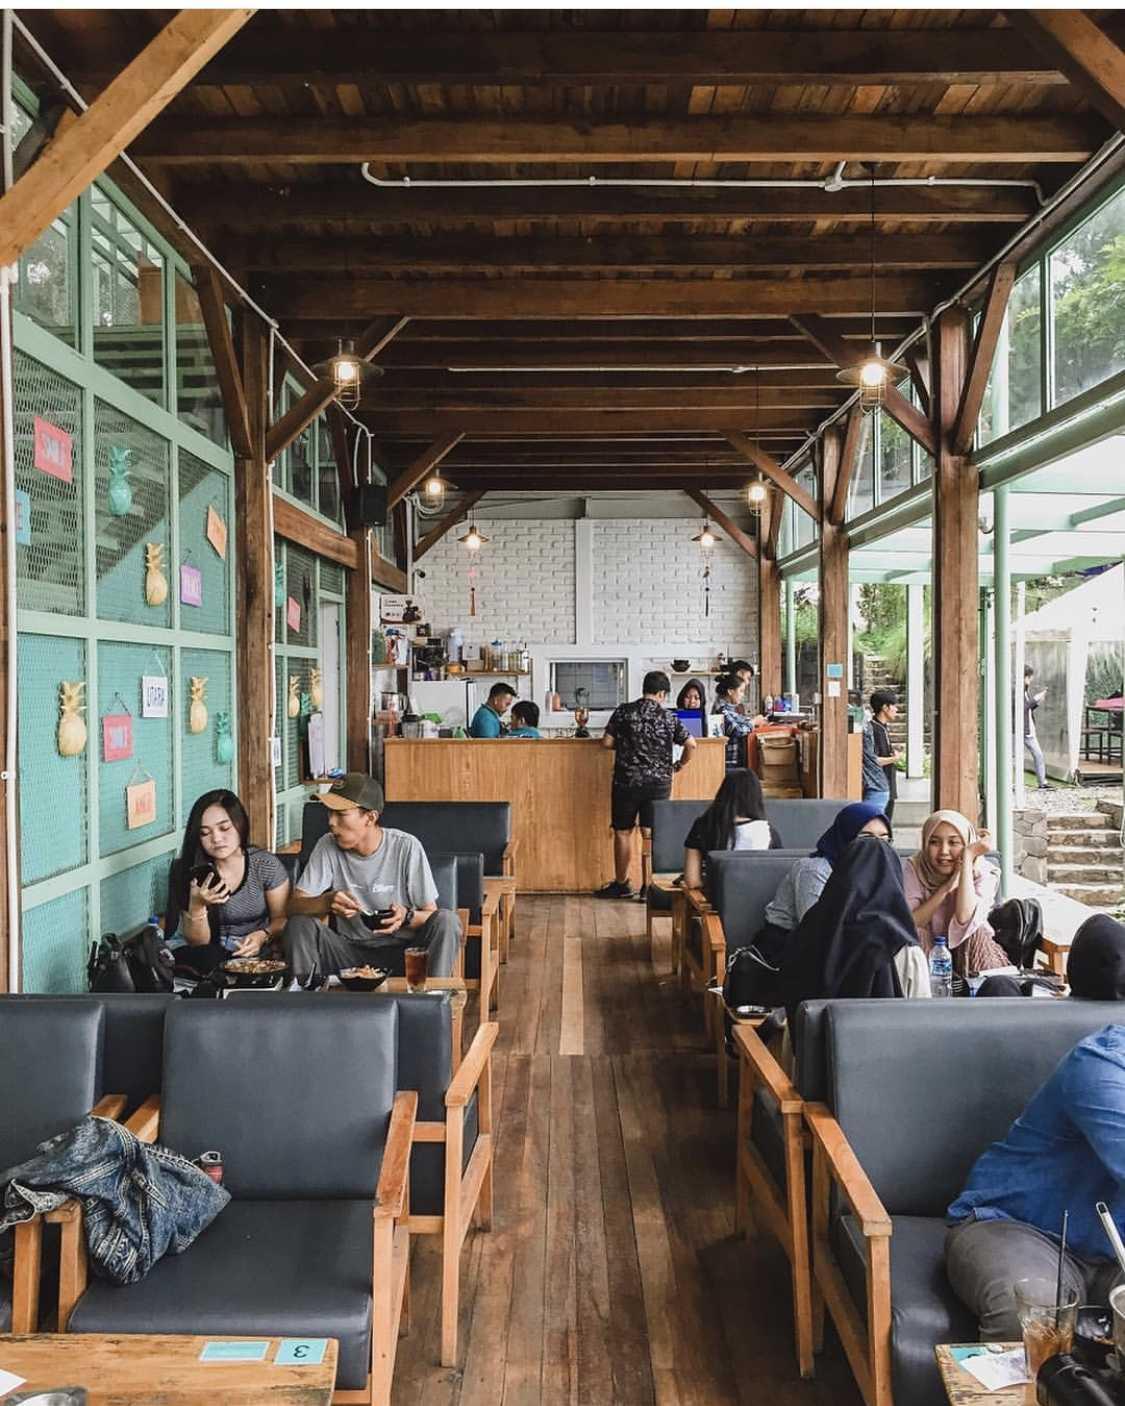 Desain interior kafe yang hangat dengan material kayu di Utara Café karya Wandi Uwa Krisdian (Sumber: arsitag.com)